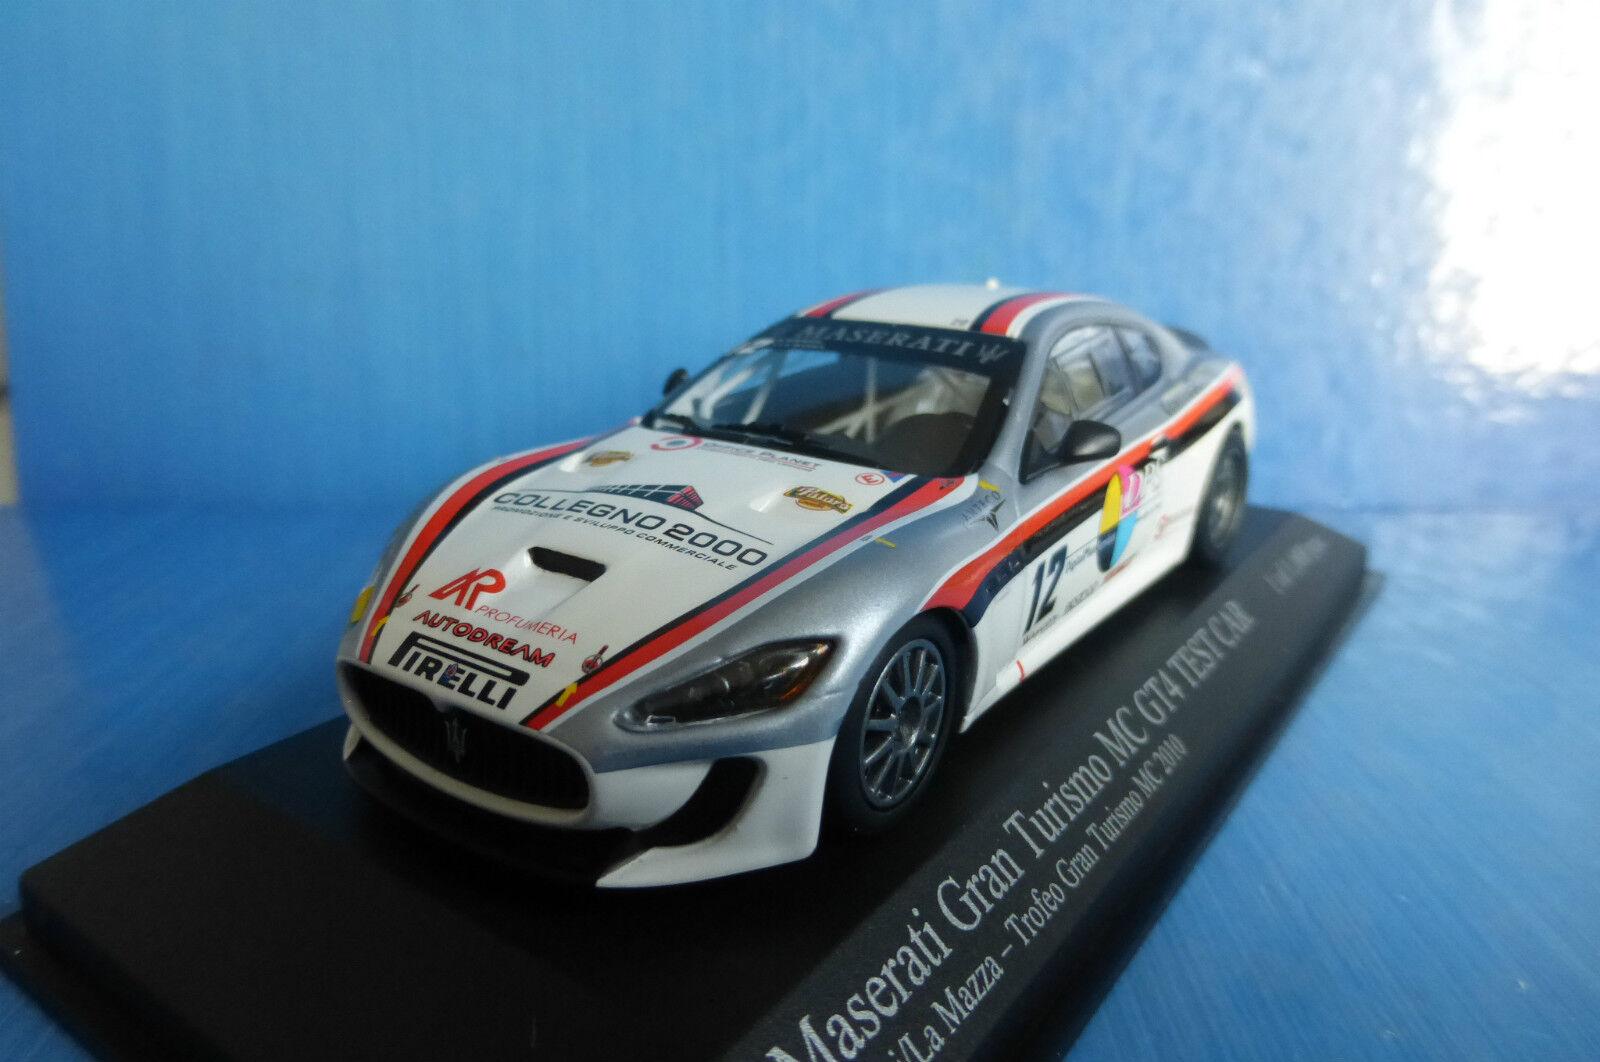 MASERATI GRAN TURISMO MC GT4  12 TEST CAR SPERATI LA MAZZA TROFEO 2010 MINICHAMP